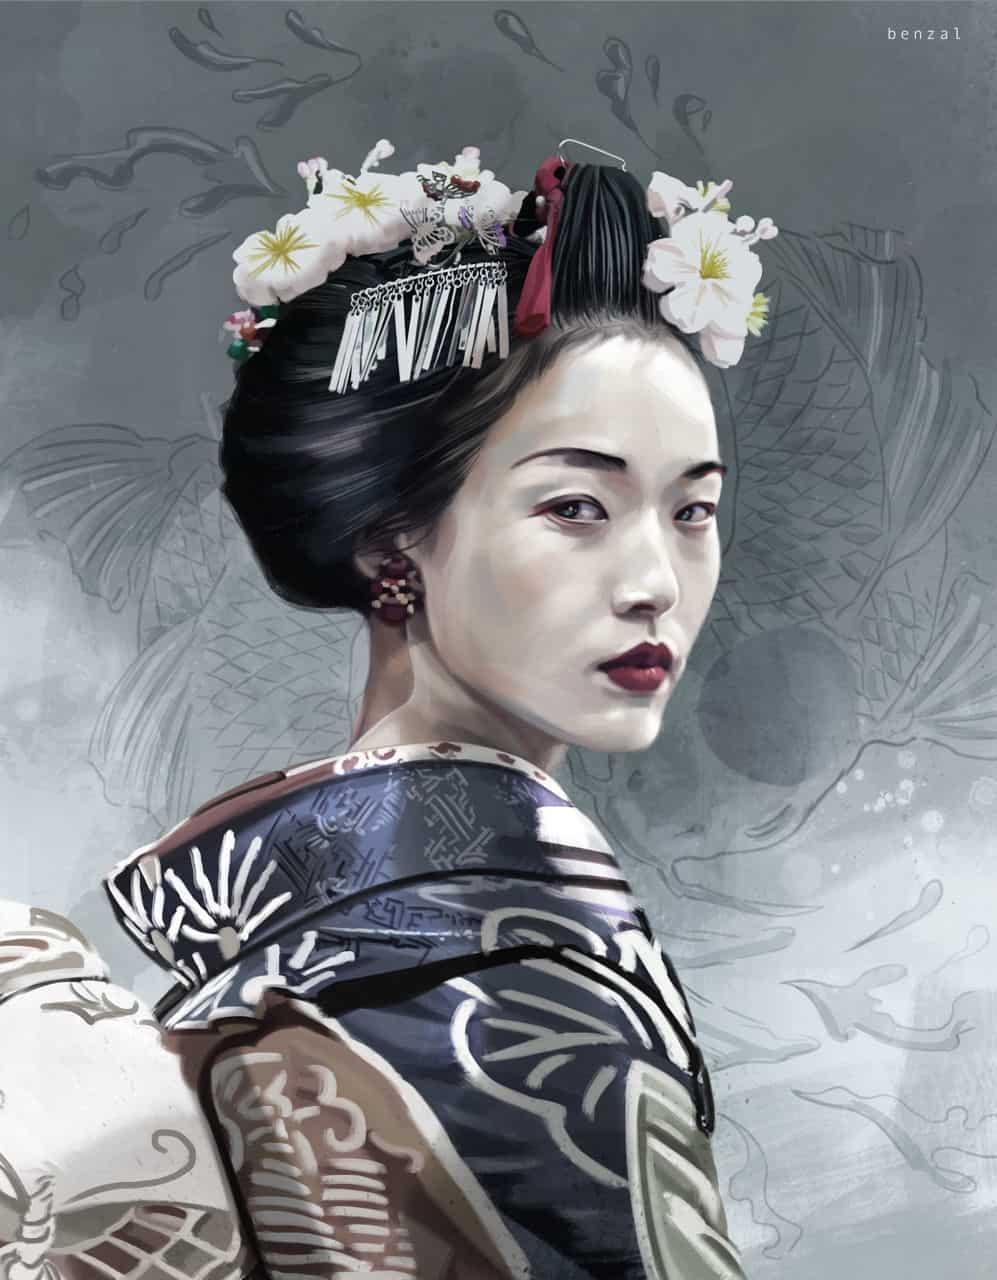 large Geisha David Benzal